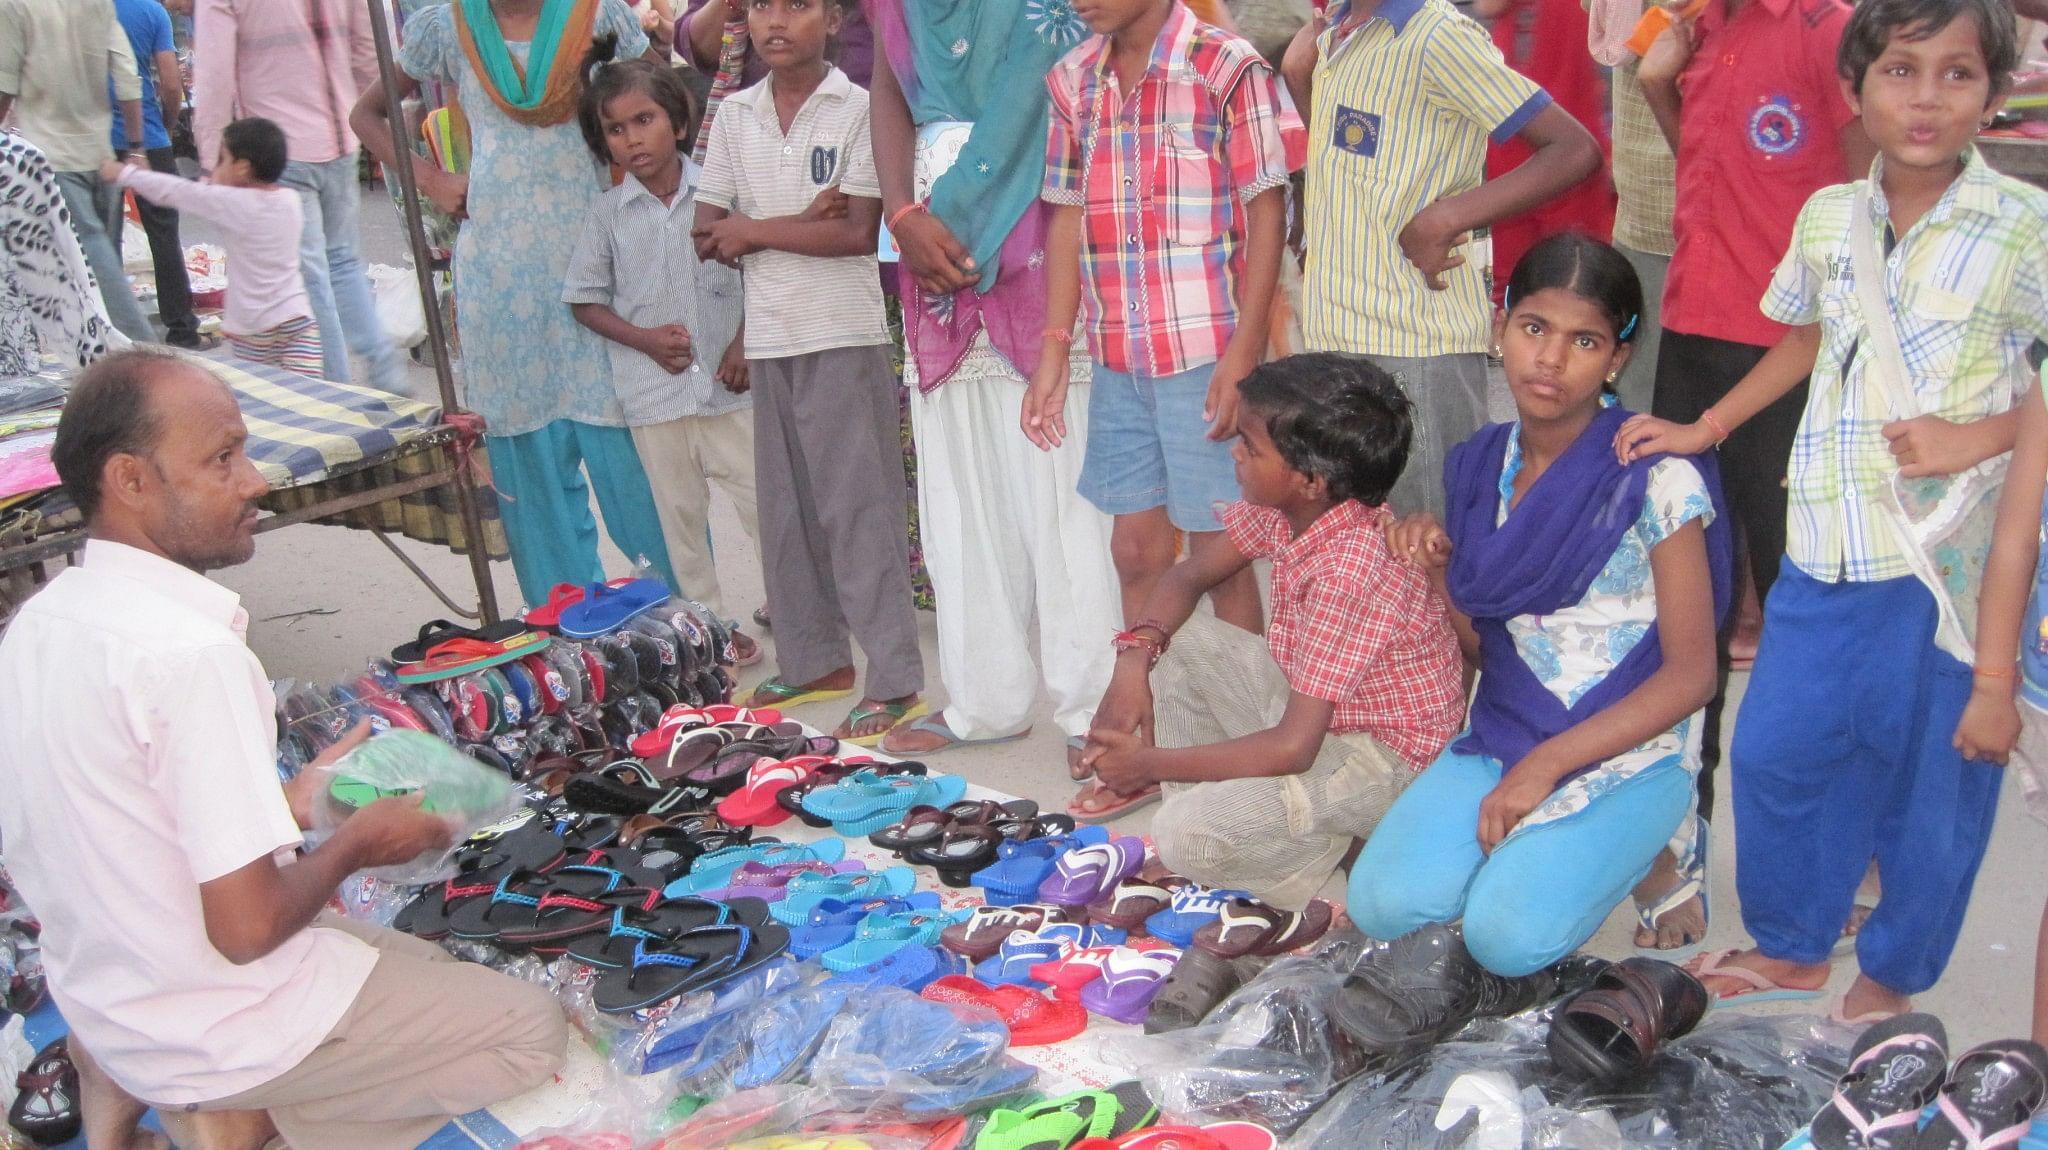 The kids, at shukkar bazaar (Friday market)